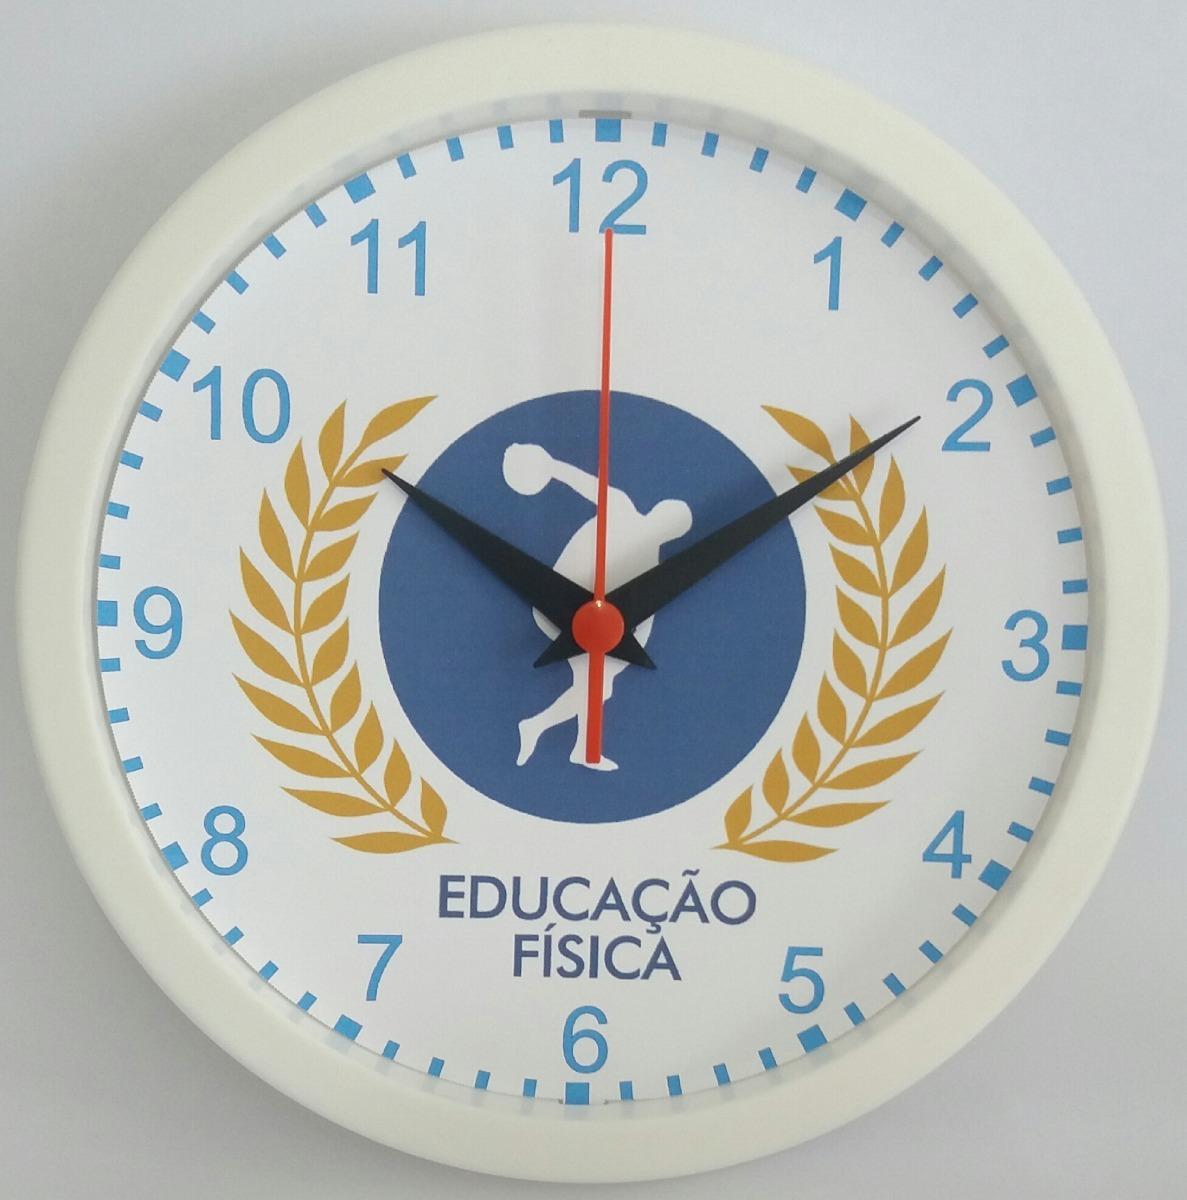 cbf8d0995e Relógio De Parede - Educação Física - Clássico 24 - R  29